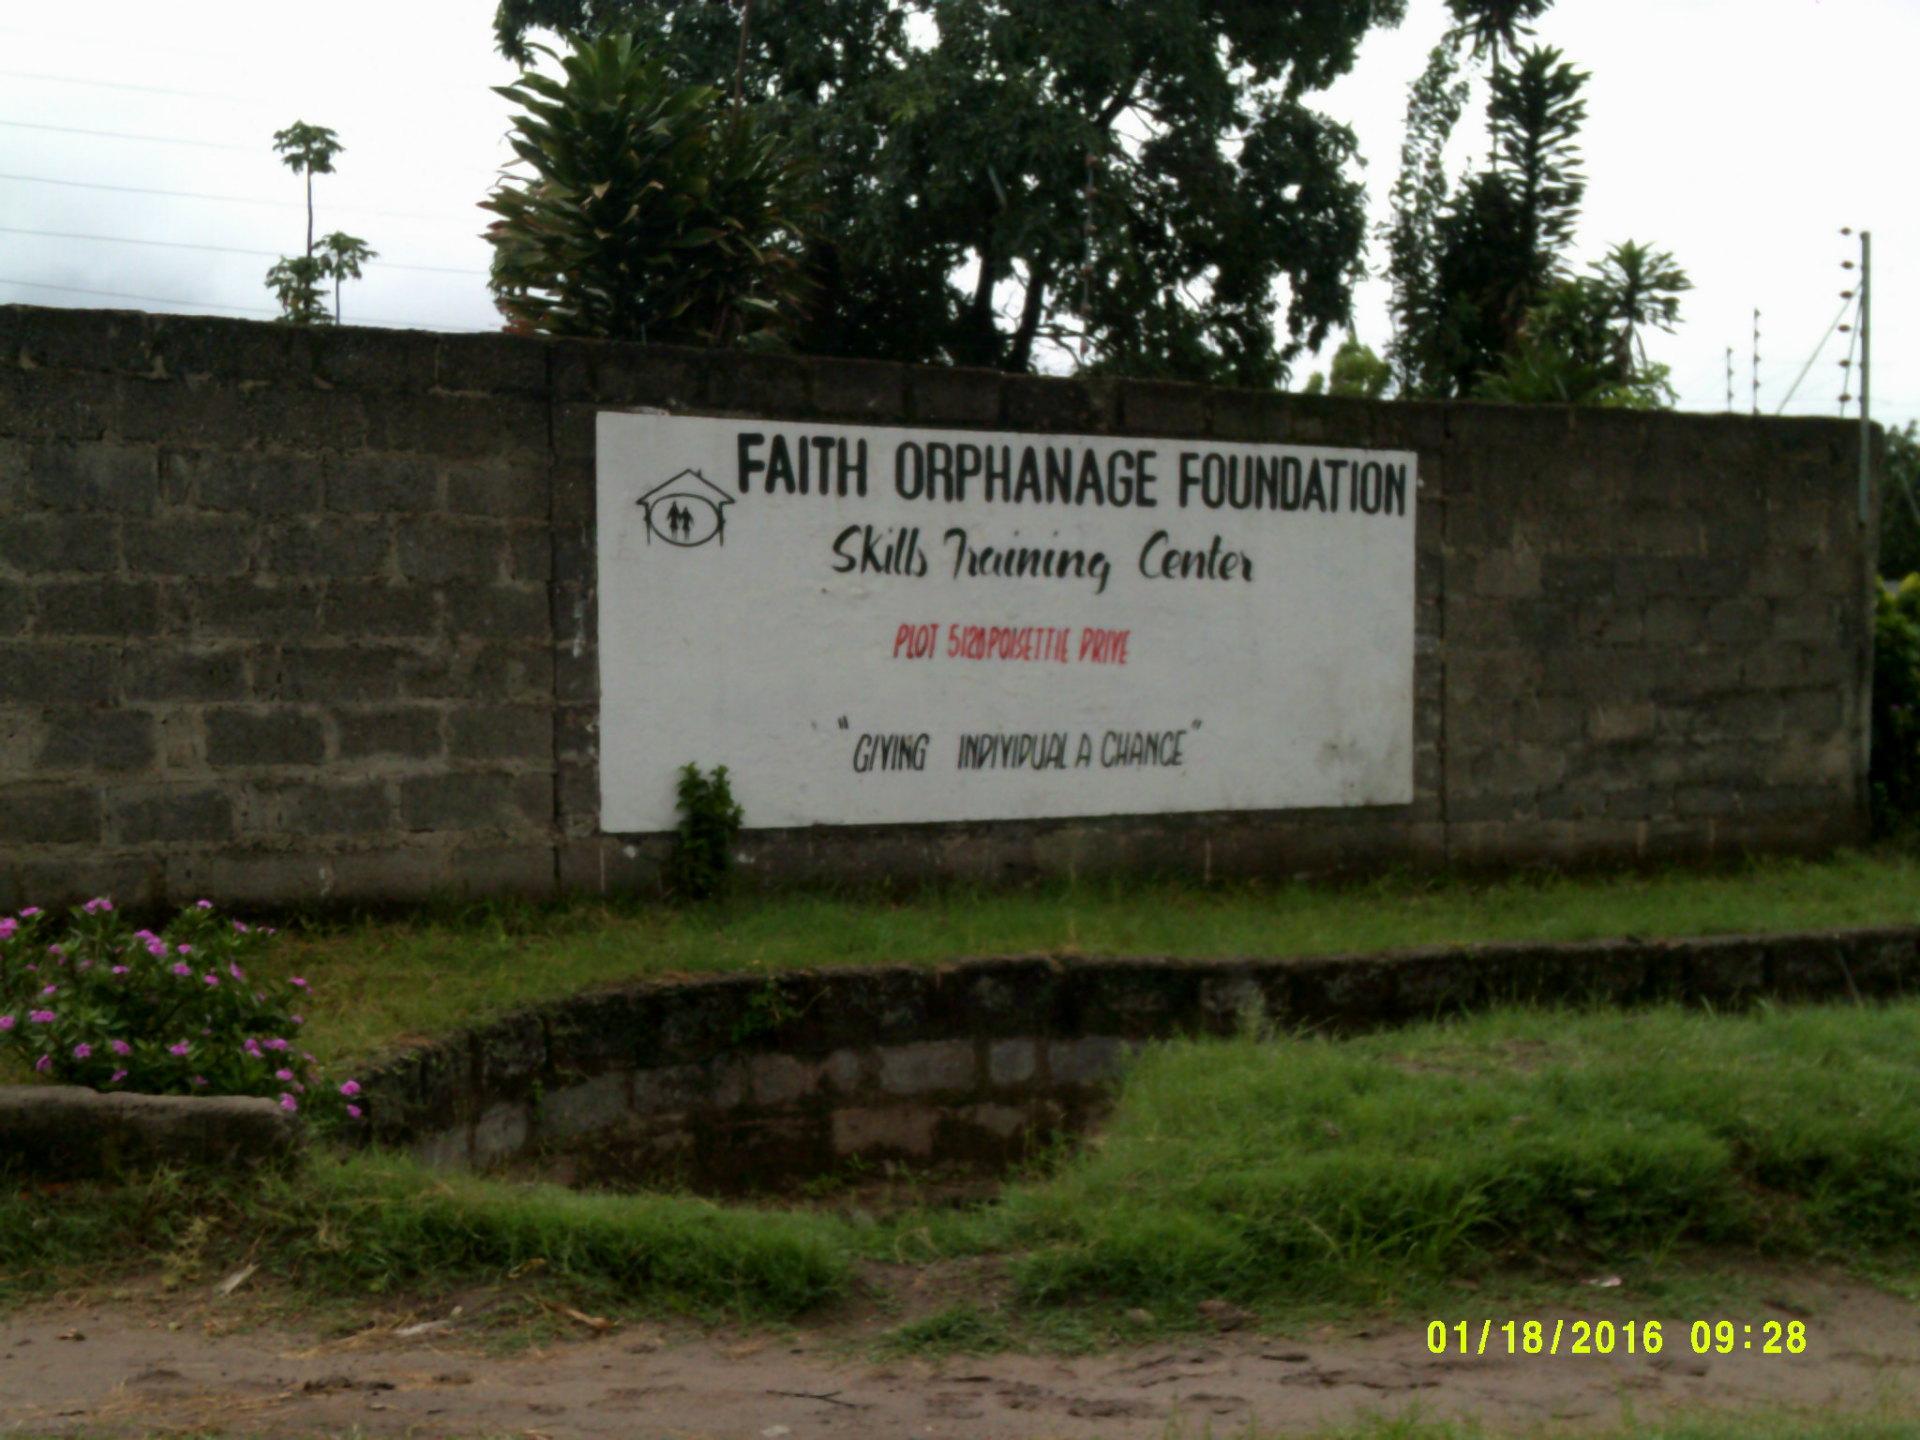 Faith Orphanage